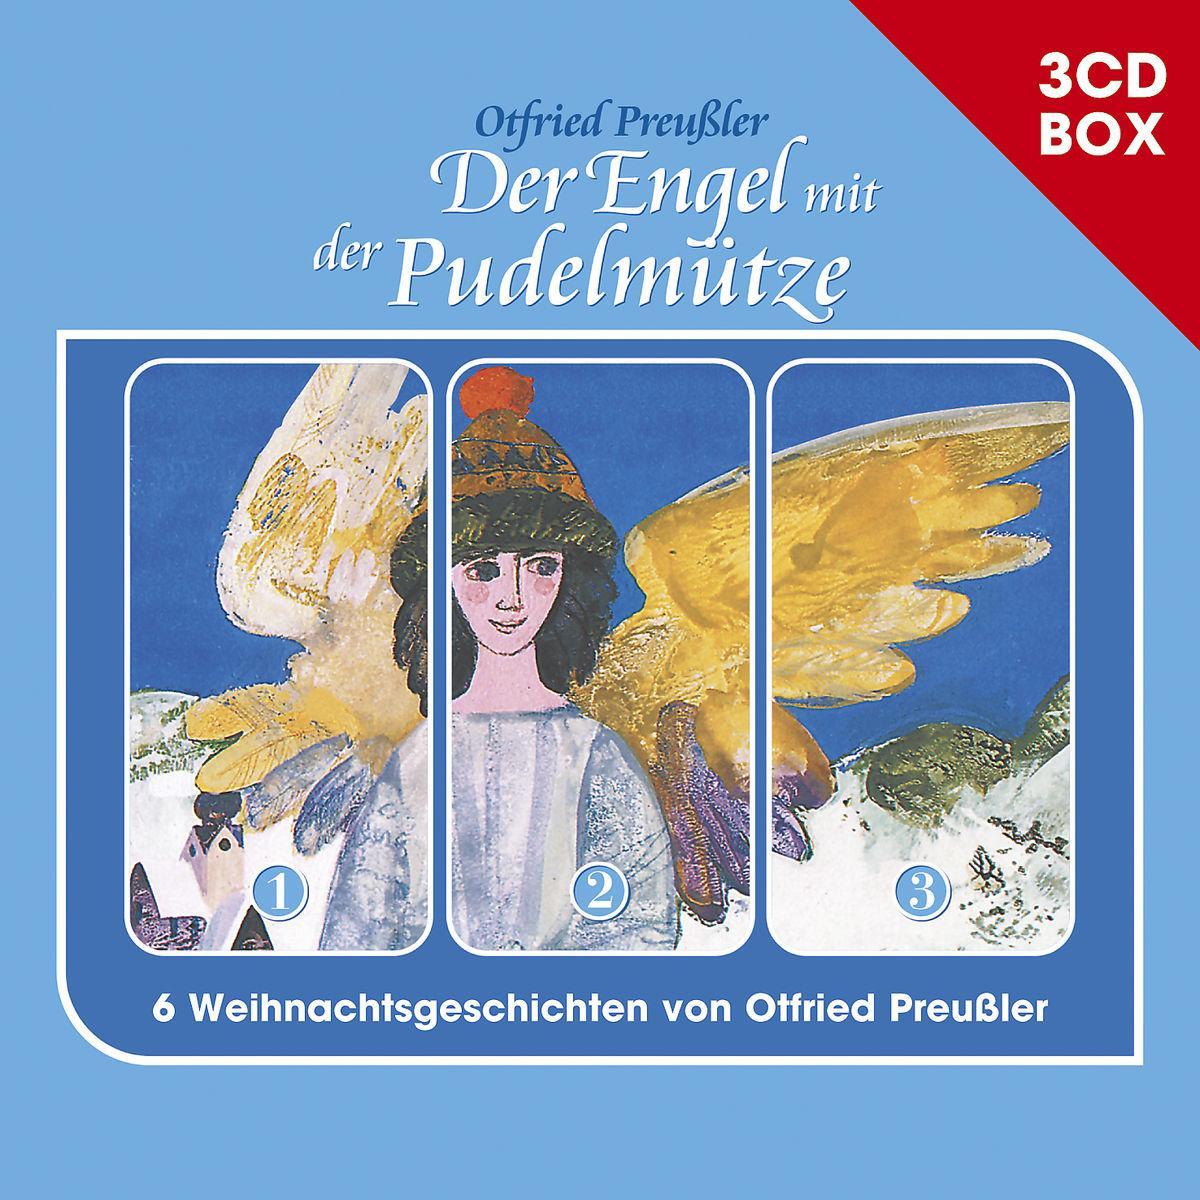 01: Der Engel mit der Pudelmütze: Otfried Preußler